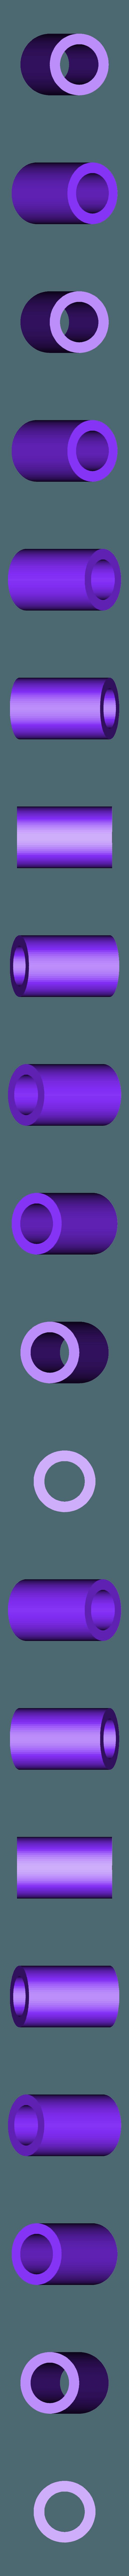 Bevel_gear_mechanism_handle_spiner.stl Télécharger fichier STL gratuit Mécanisme qui ne tourne que dans un sens, quoi qu'il arrive !!!!! Engrenage conique • Objet à imprimer en 3D, matthewdwulff